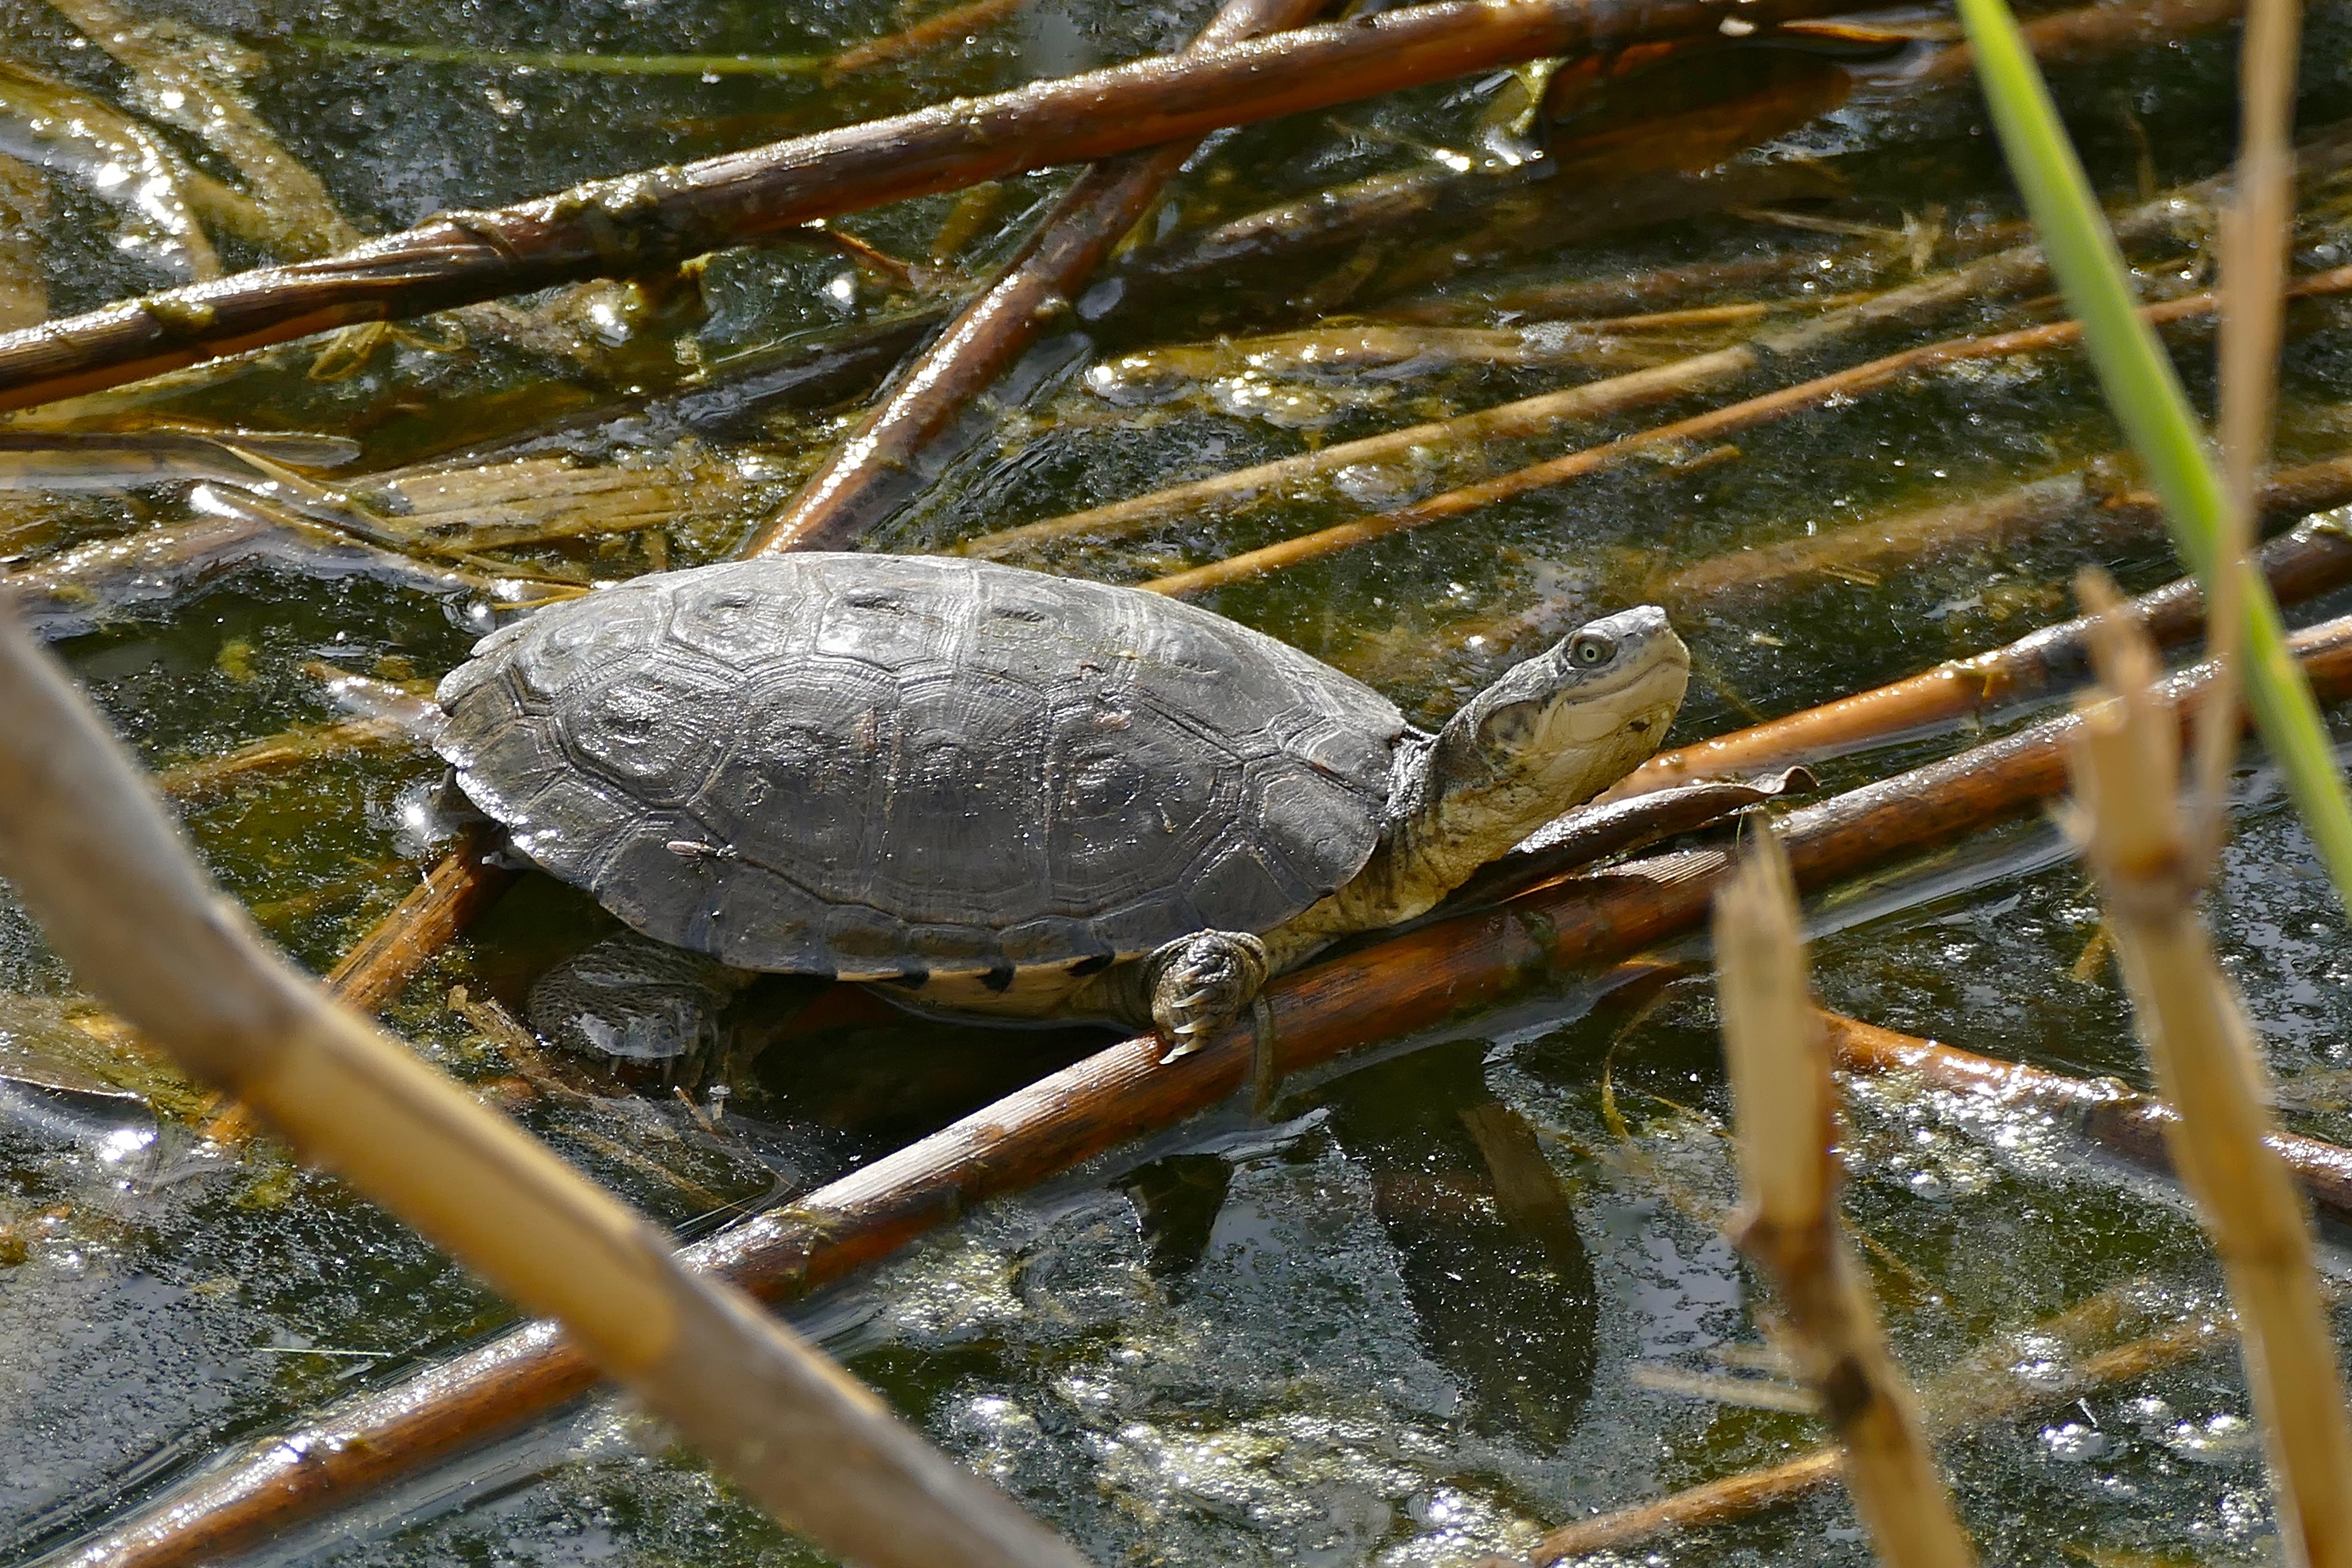 Image of Helmeted Turtle